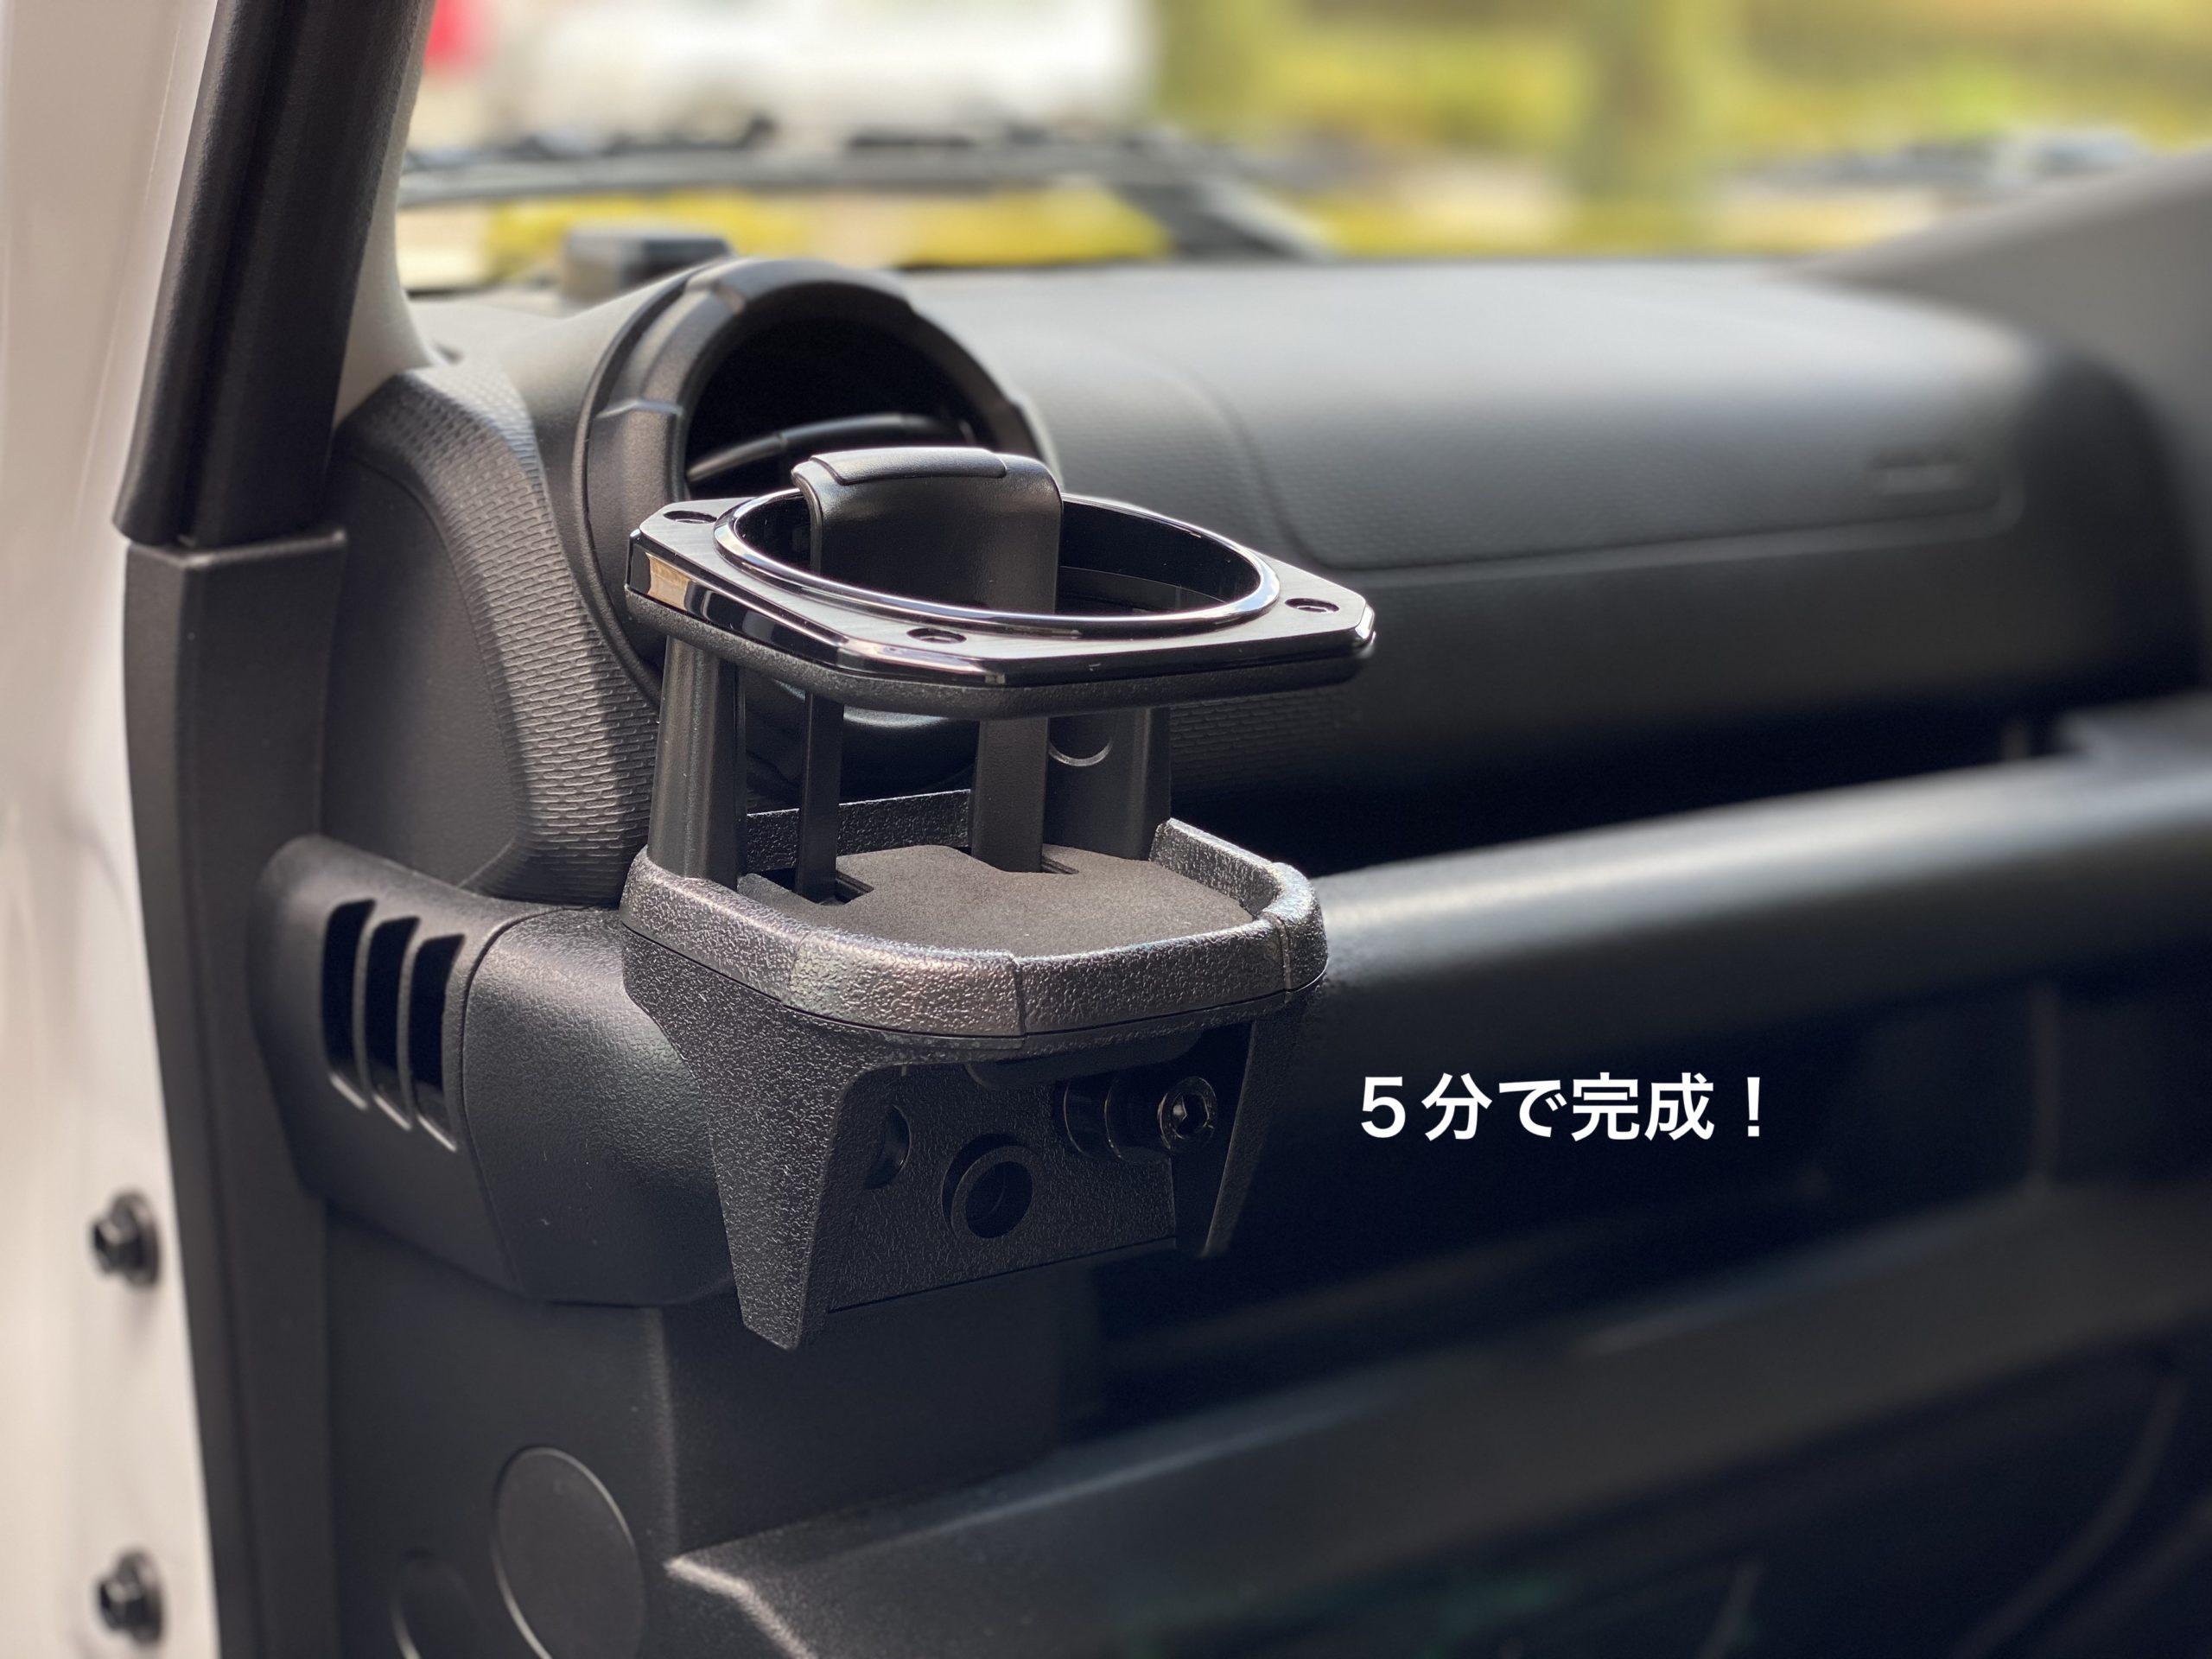 【新型ジムニー】JB64専用のカーメイト のドリンクホルダーが結局一番だ!